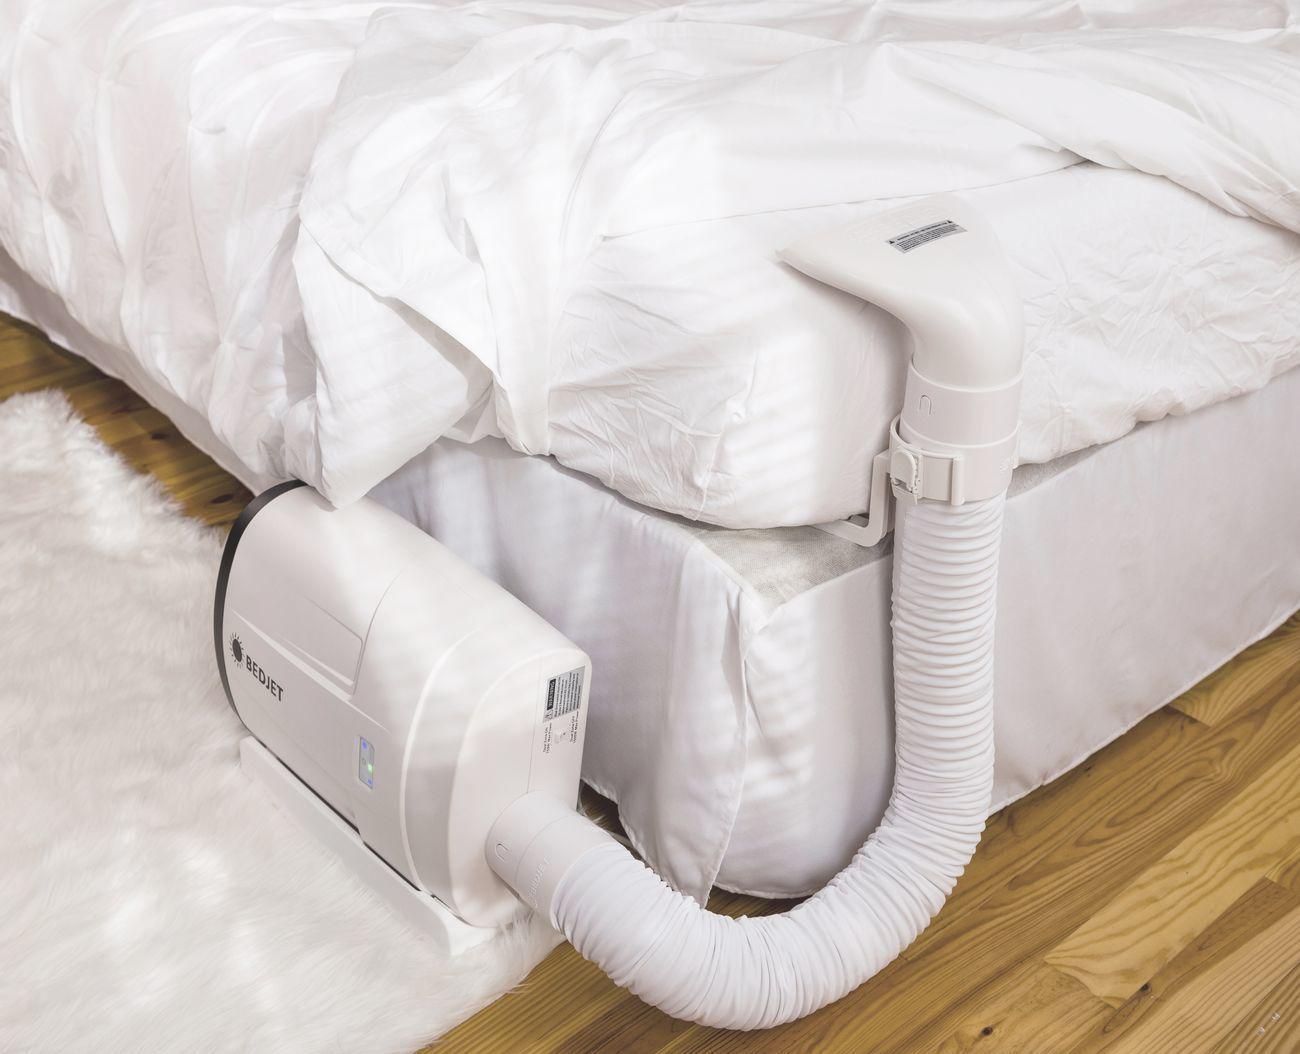 Pin By Gadget Flow On Bedroom In 2020 Bed Fan Cool Stuff Best